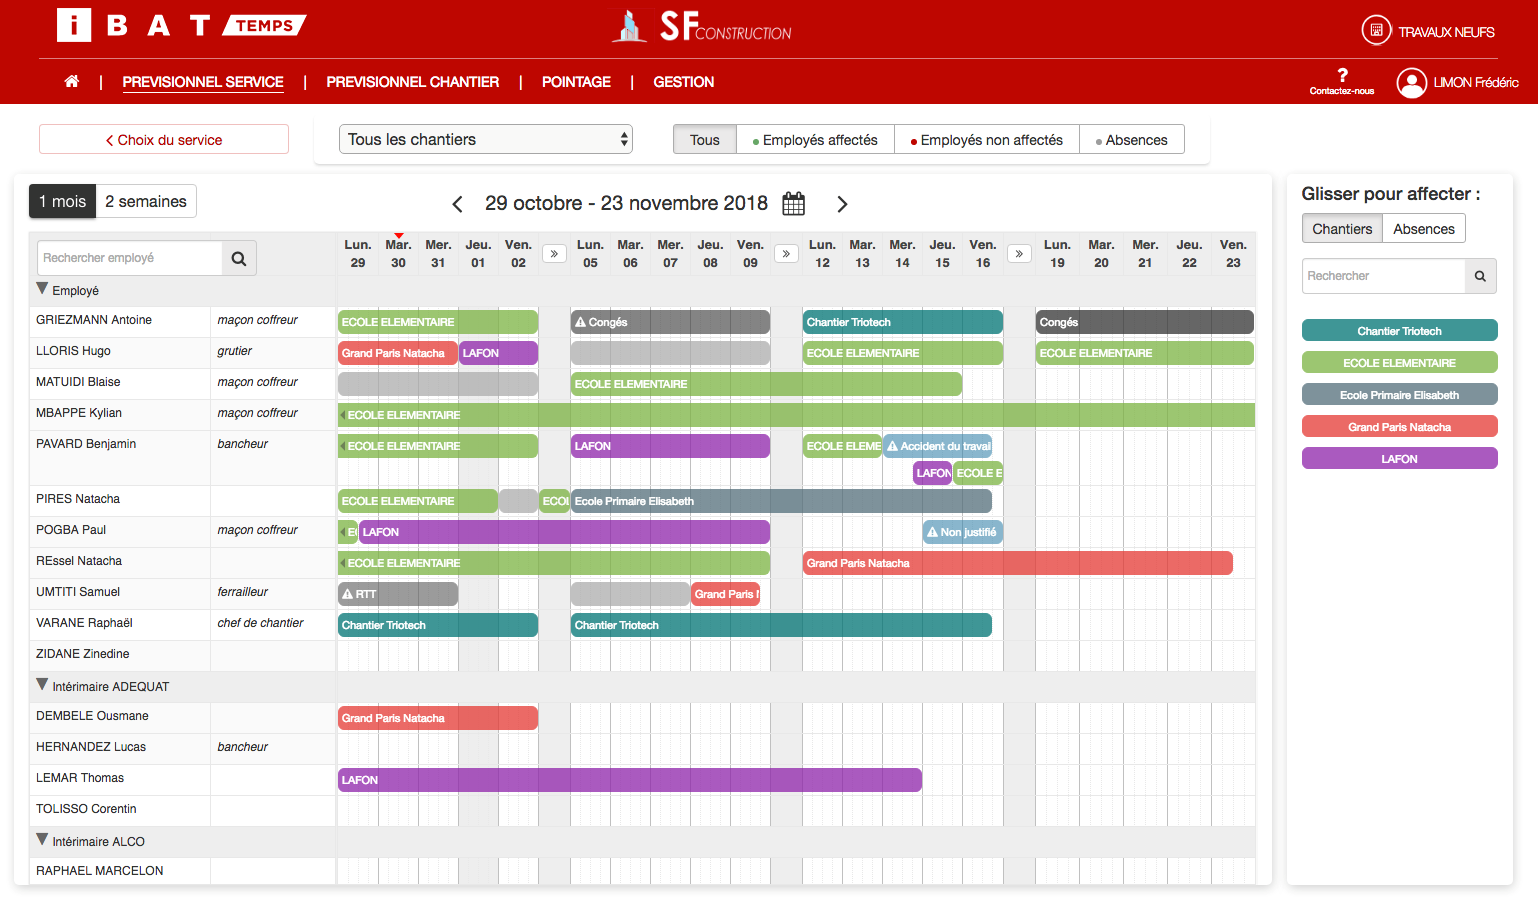 IBAT Temps-screen_ibat_temps